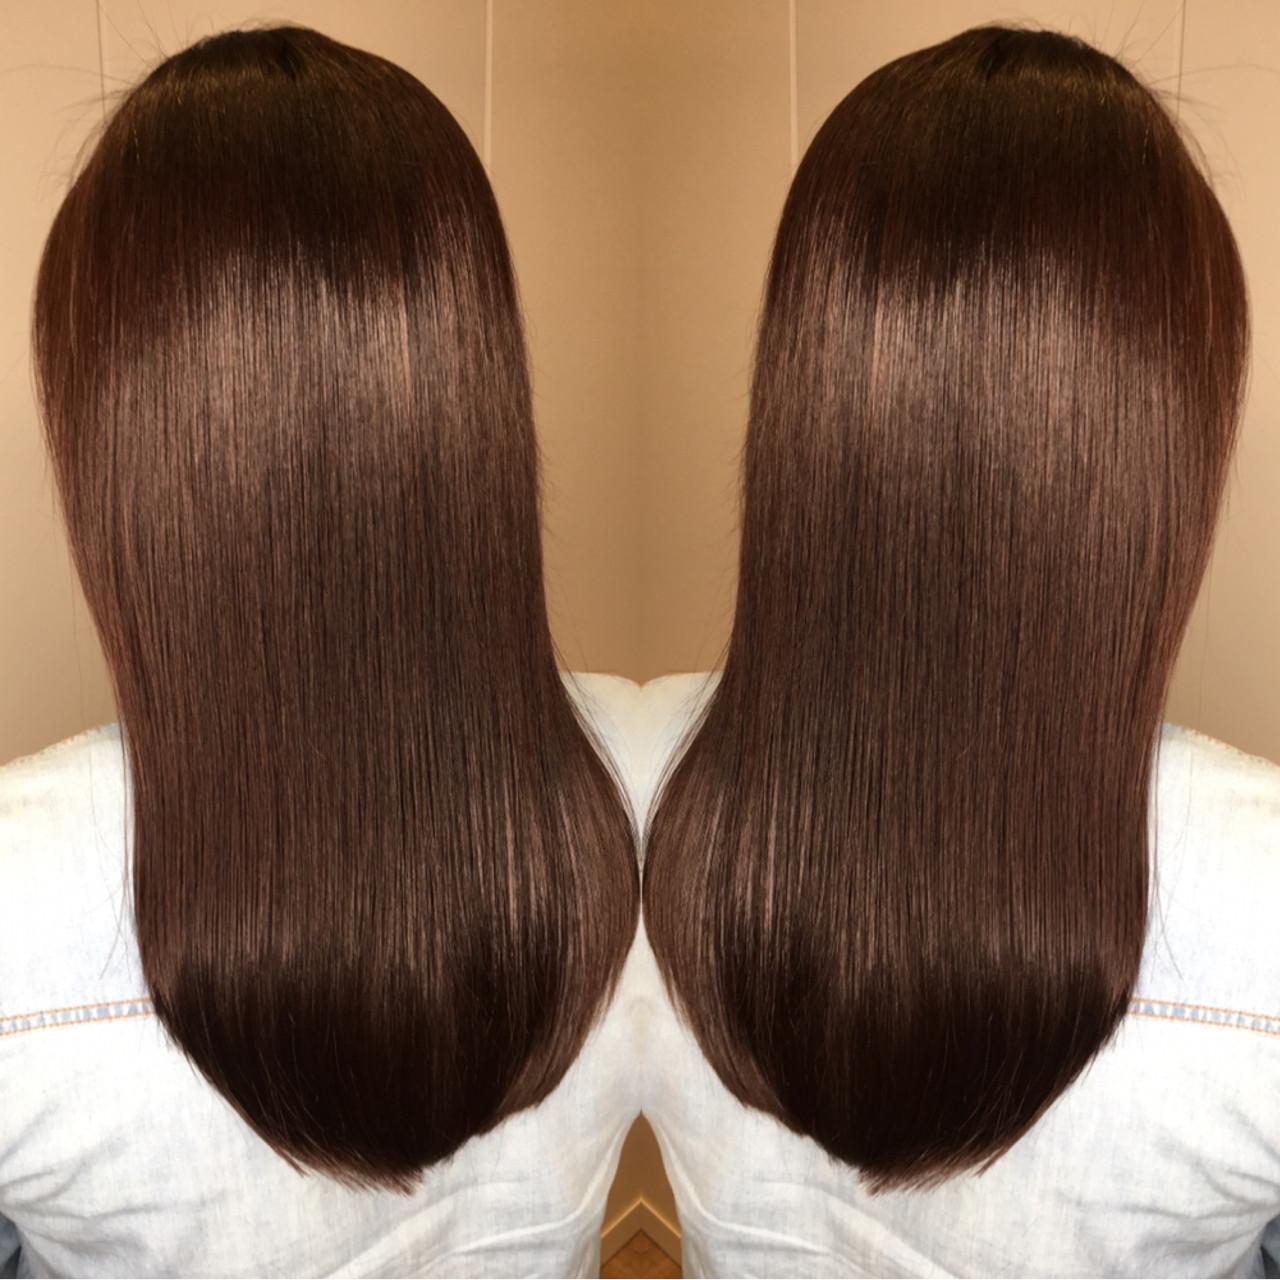 アウトドア デート ロング ヘアアレンジ ヘアスタイルや髪型の写真・画像 | 筒井 隆由 / Hair salon mode